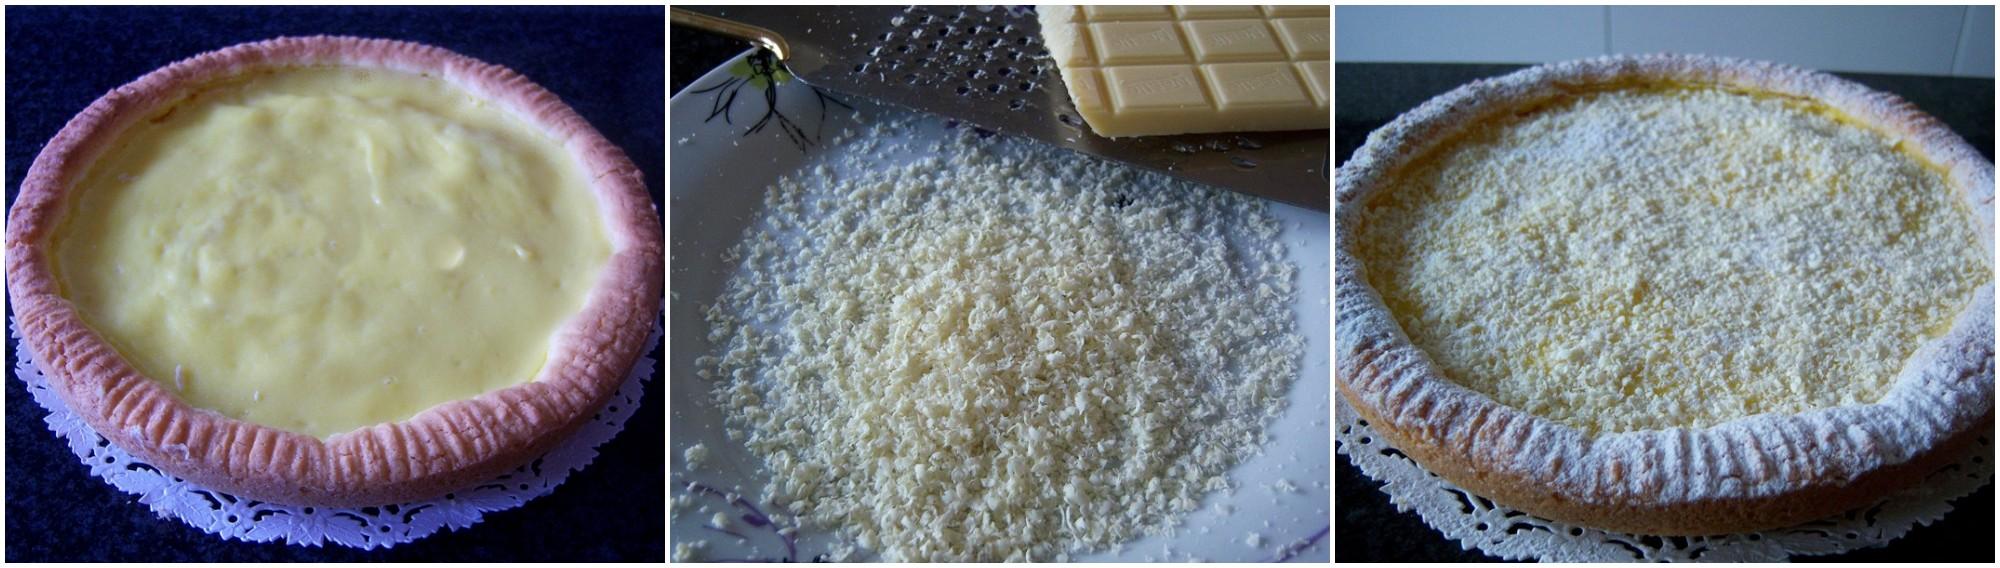 Crostata morbida limone e cioccolato bianco